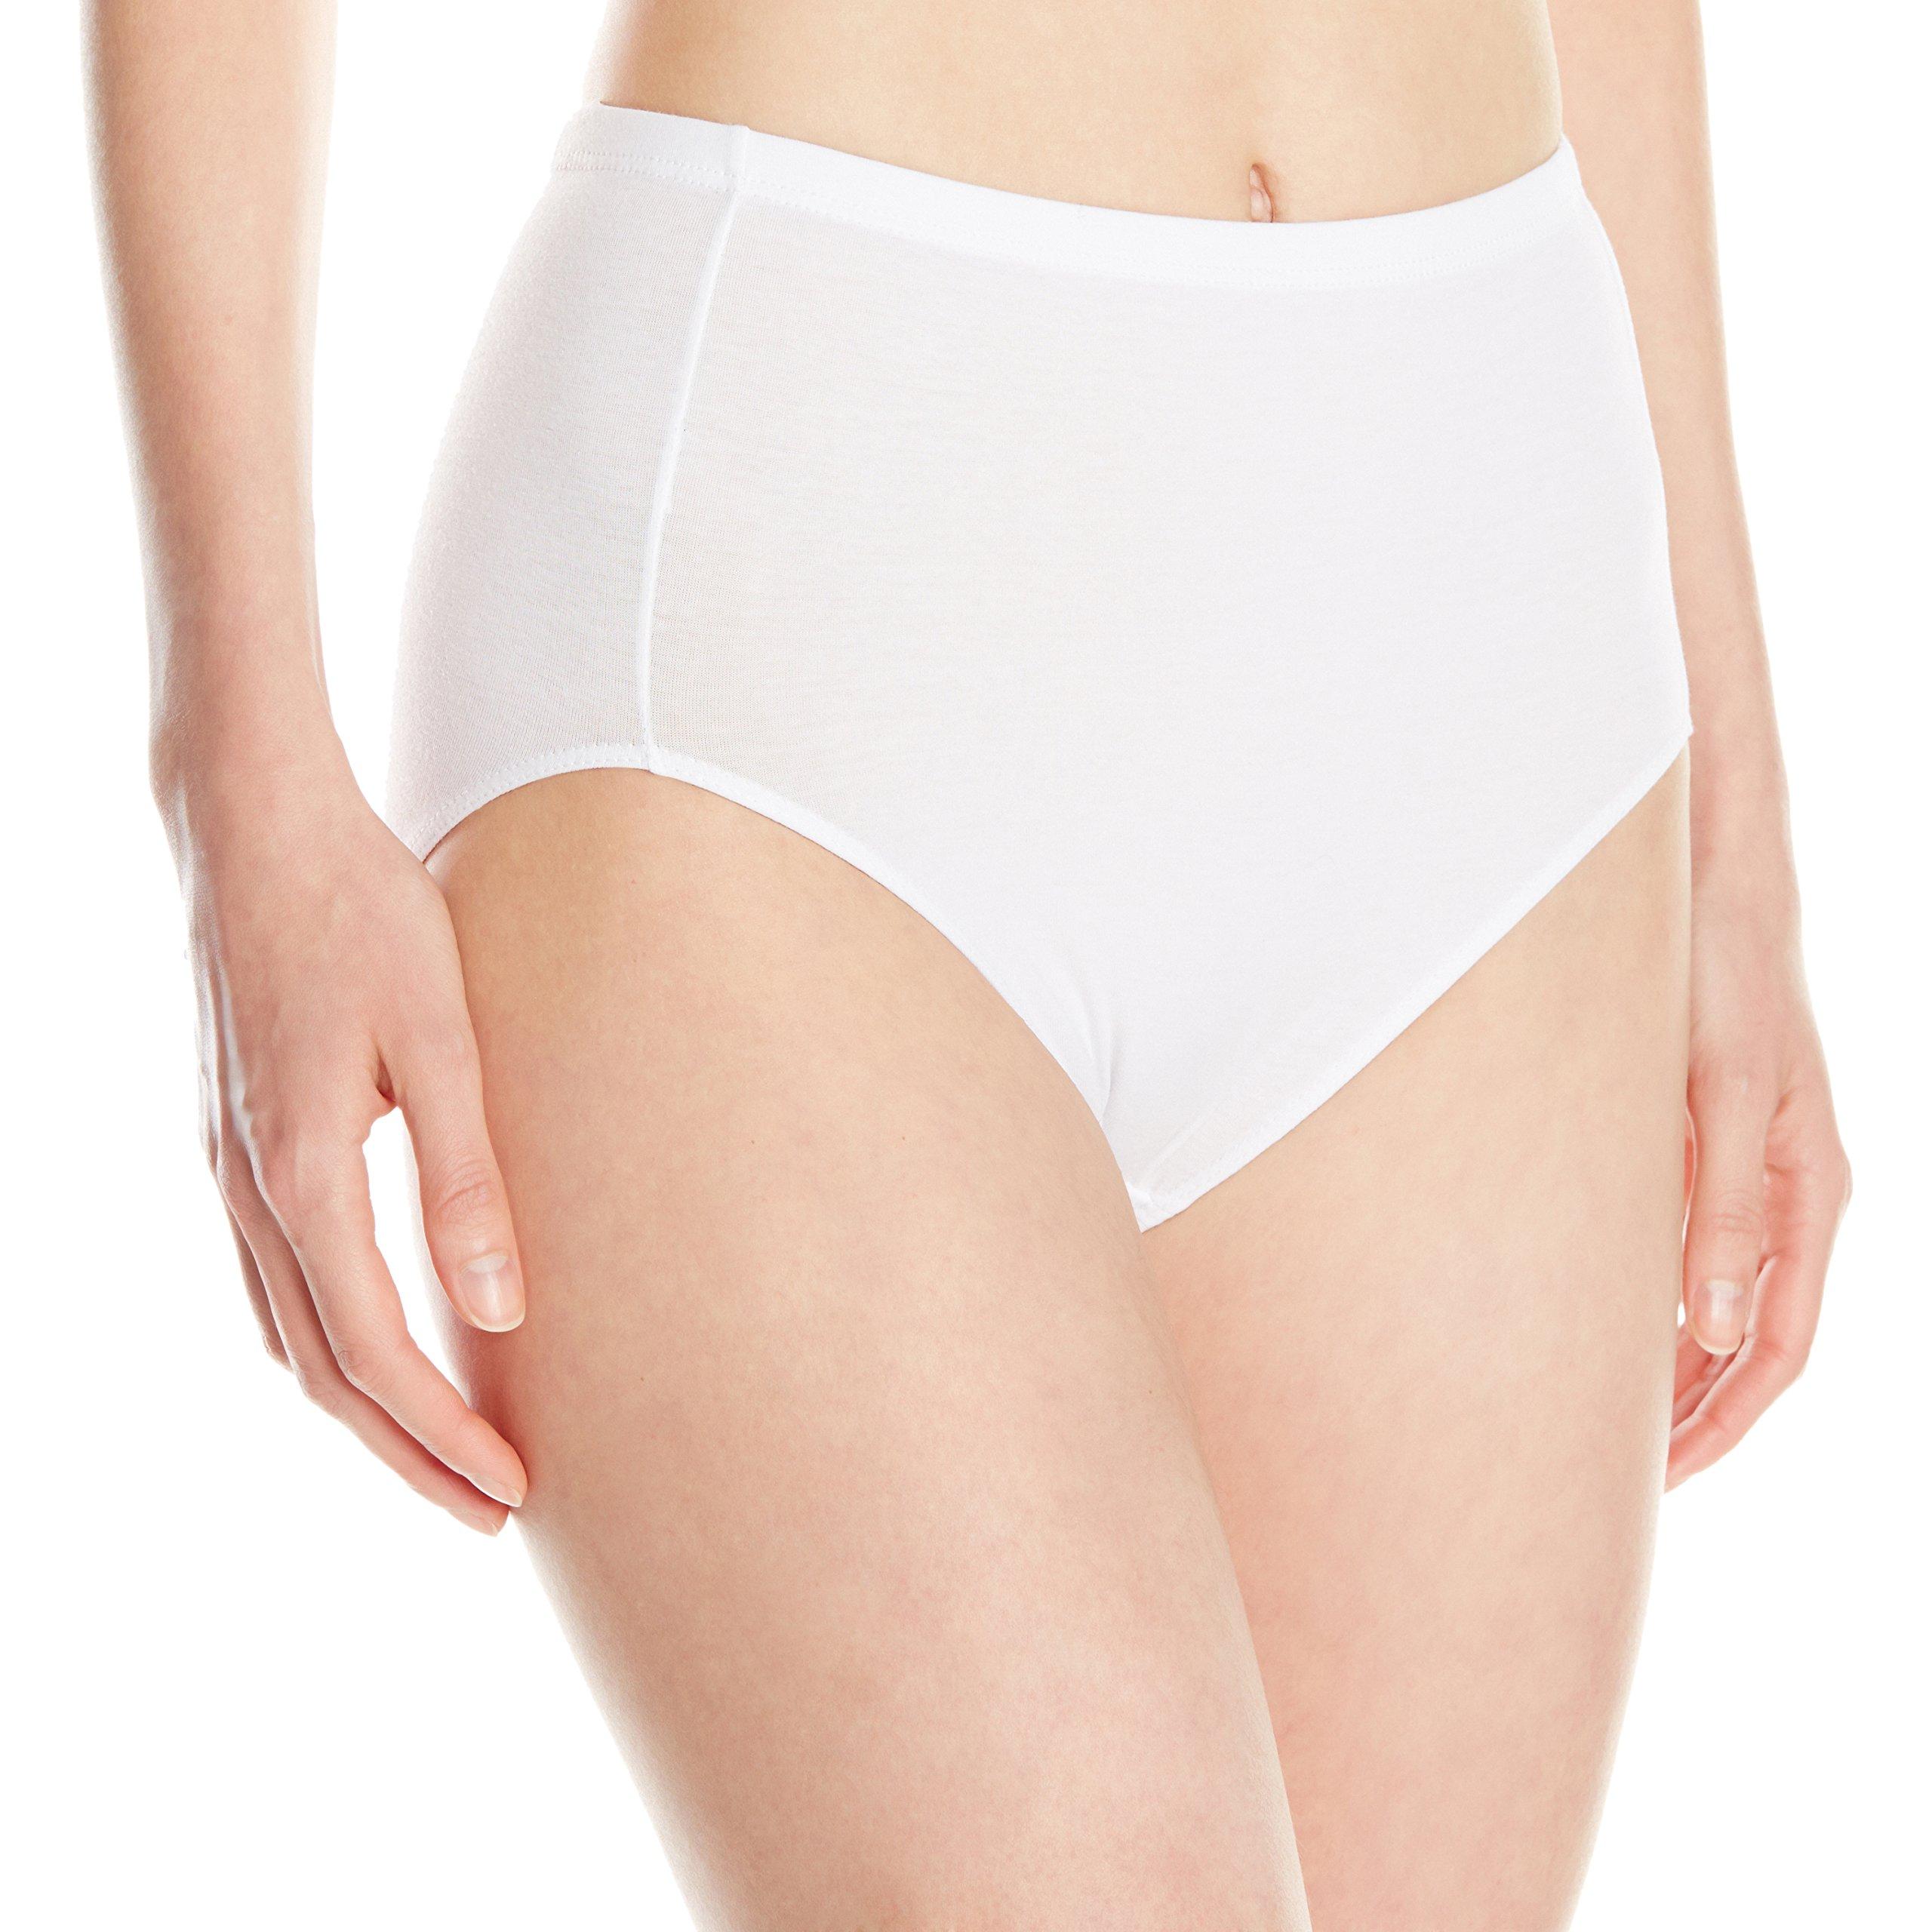 ELITA Women's Essentials Classic Cut Full Fit High Cut Brief, White, Large